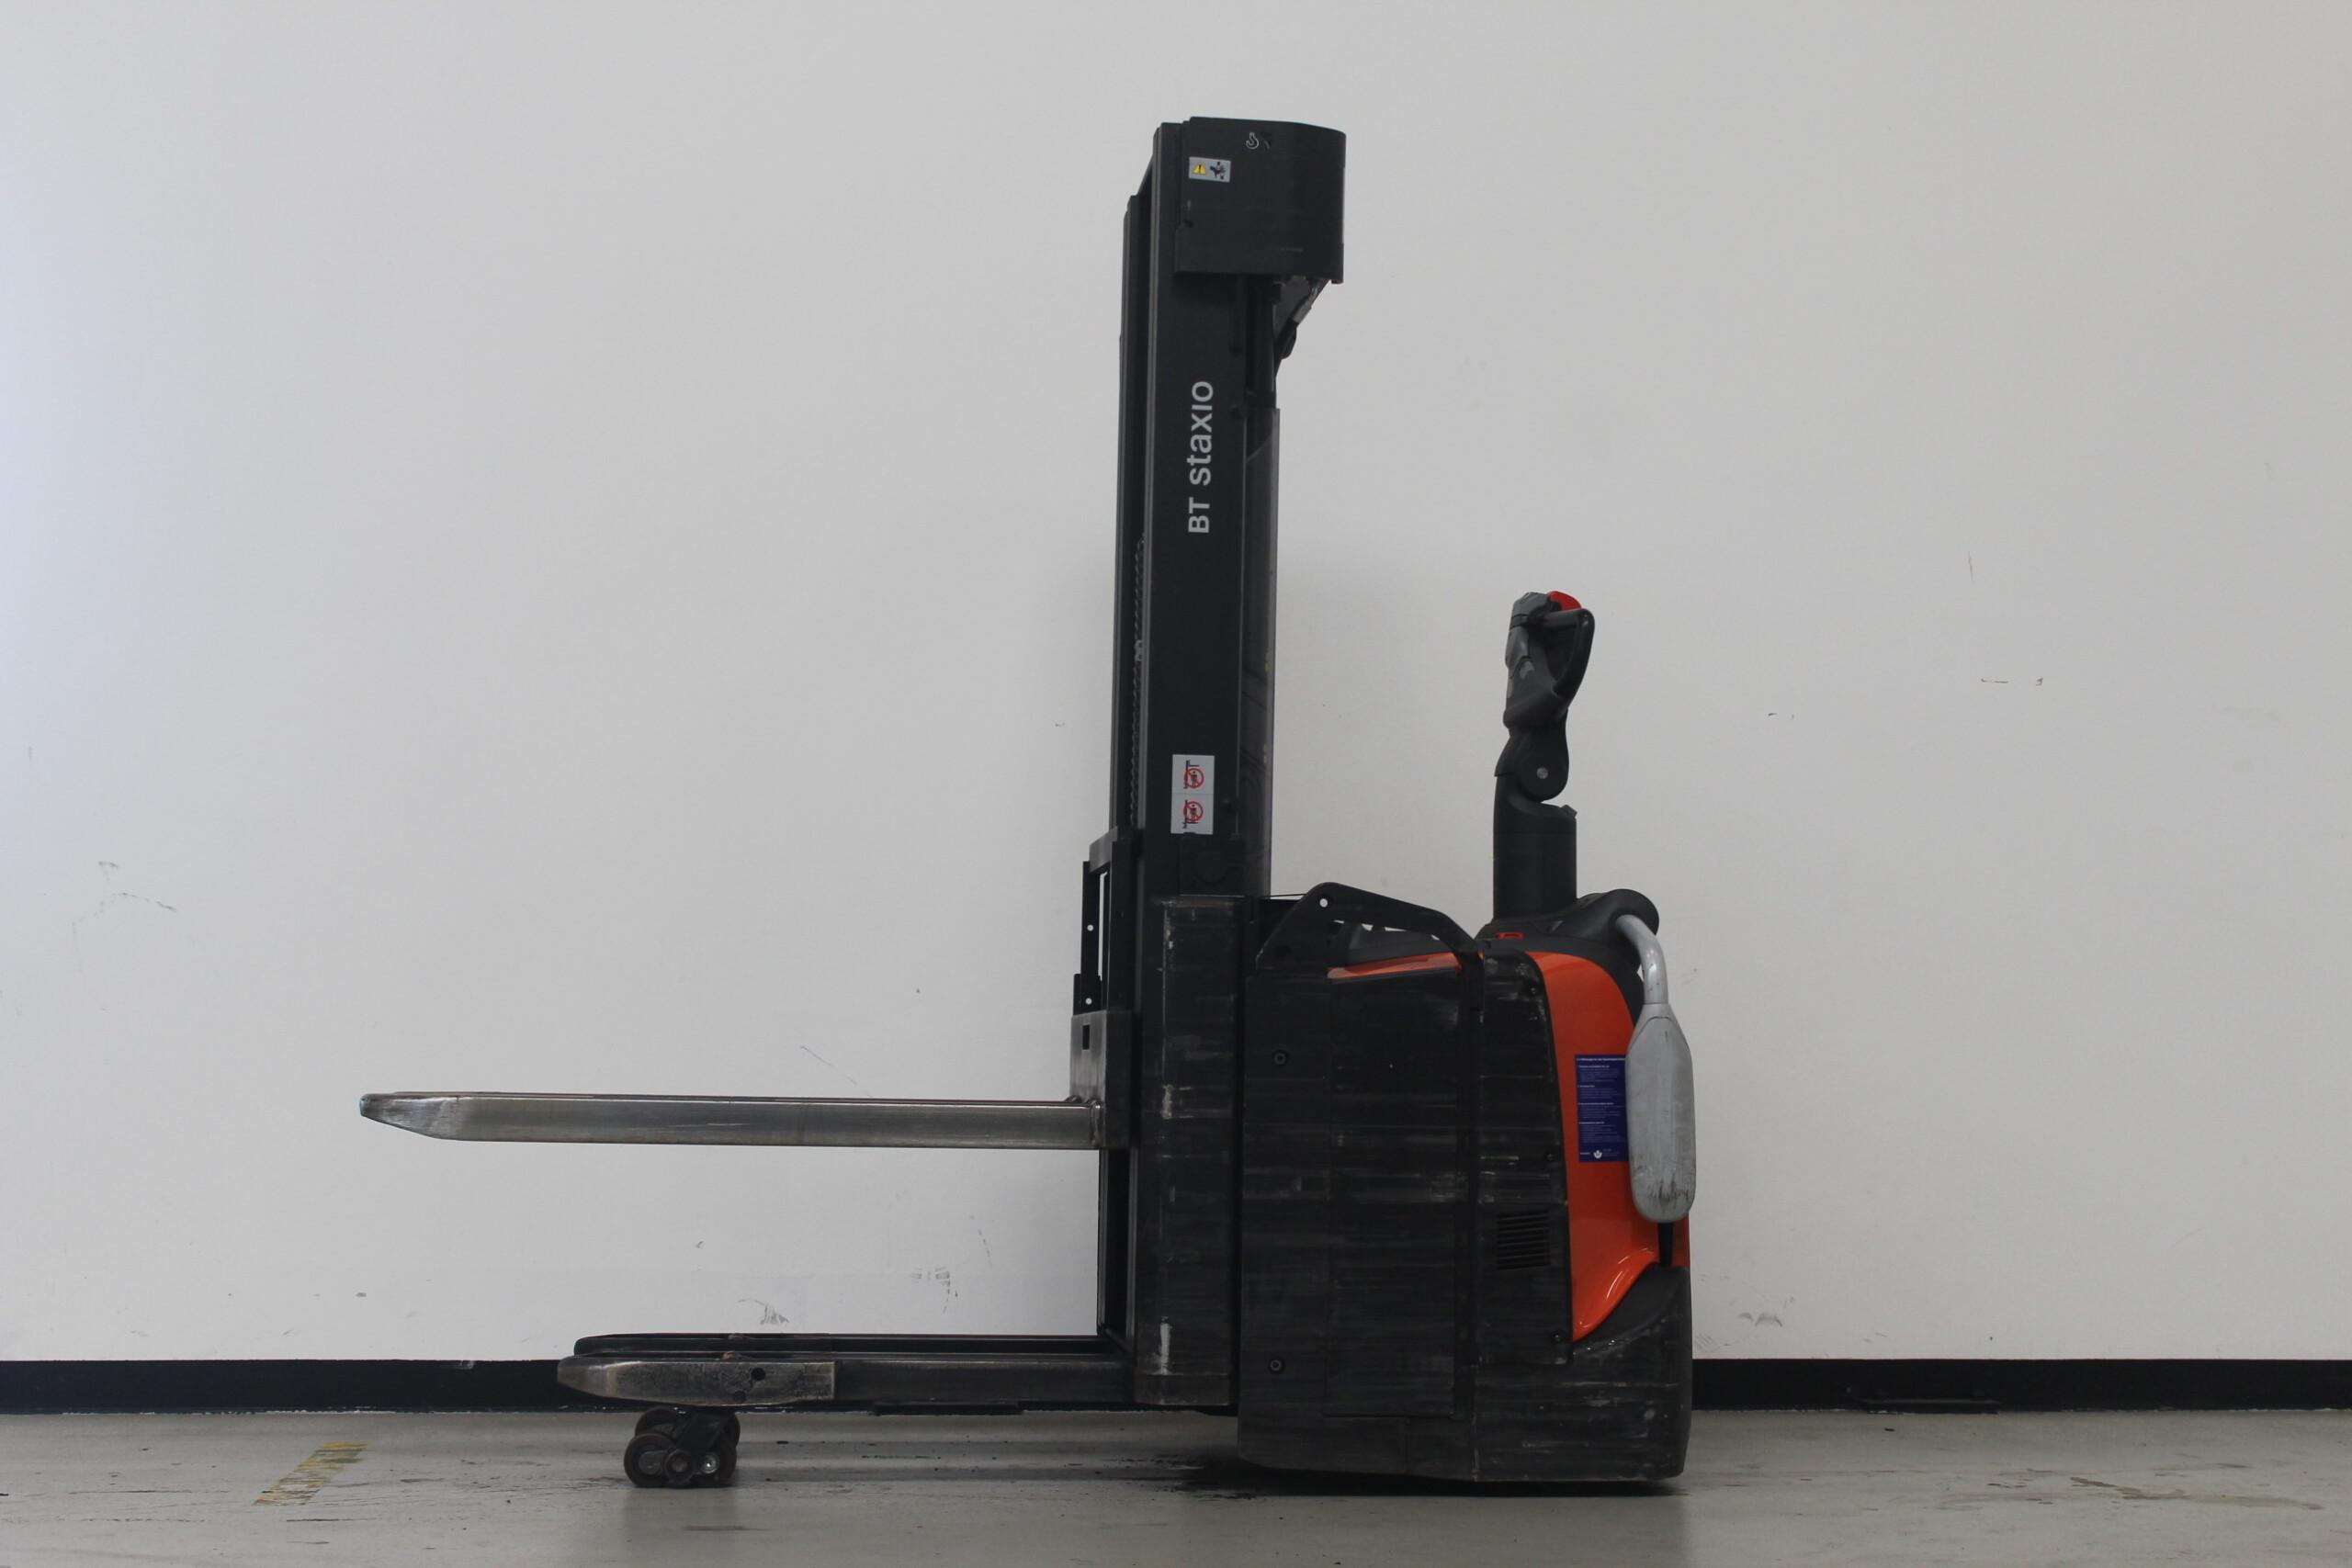 Toyota-Gabelstapler-59840 1601024366 1 7 scaled